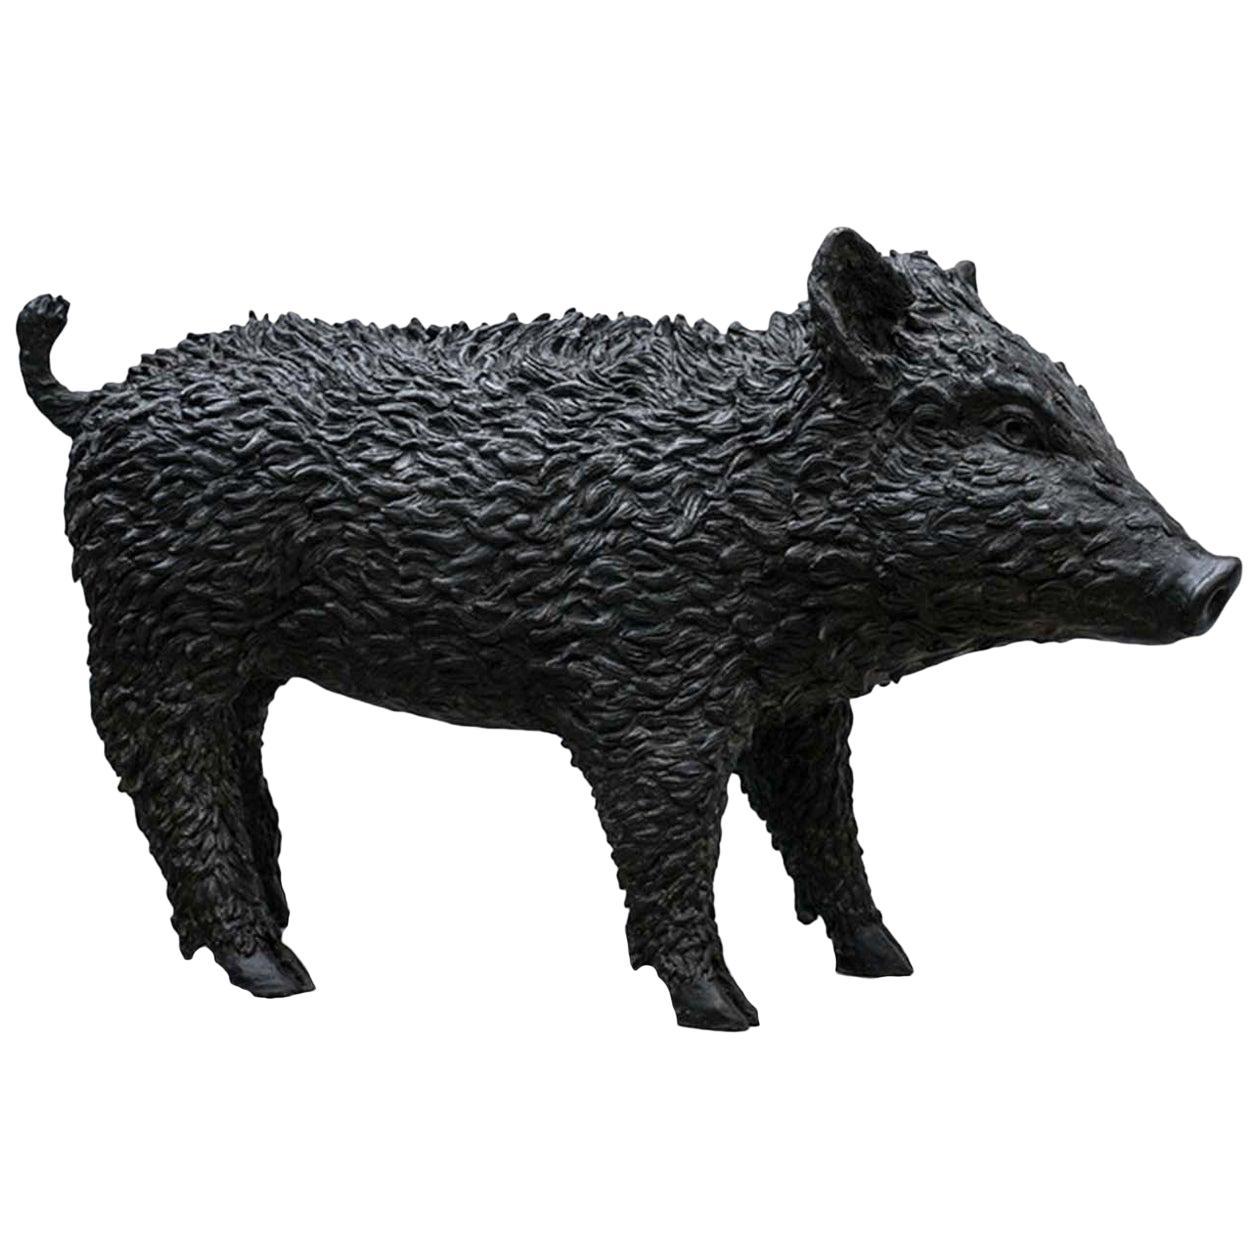 Cinghiale Sculpture by Vincenzo Romanelli